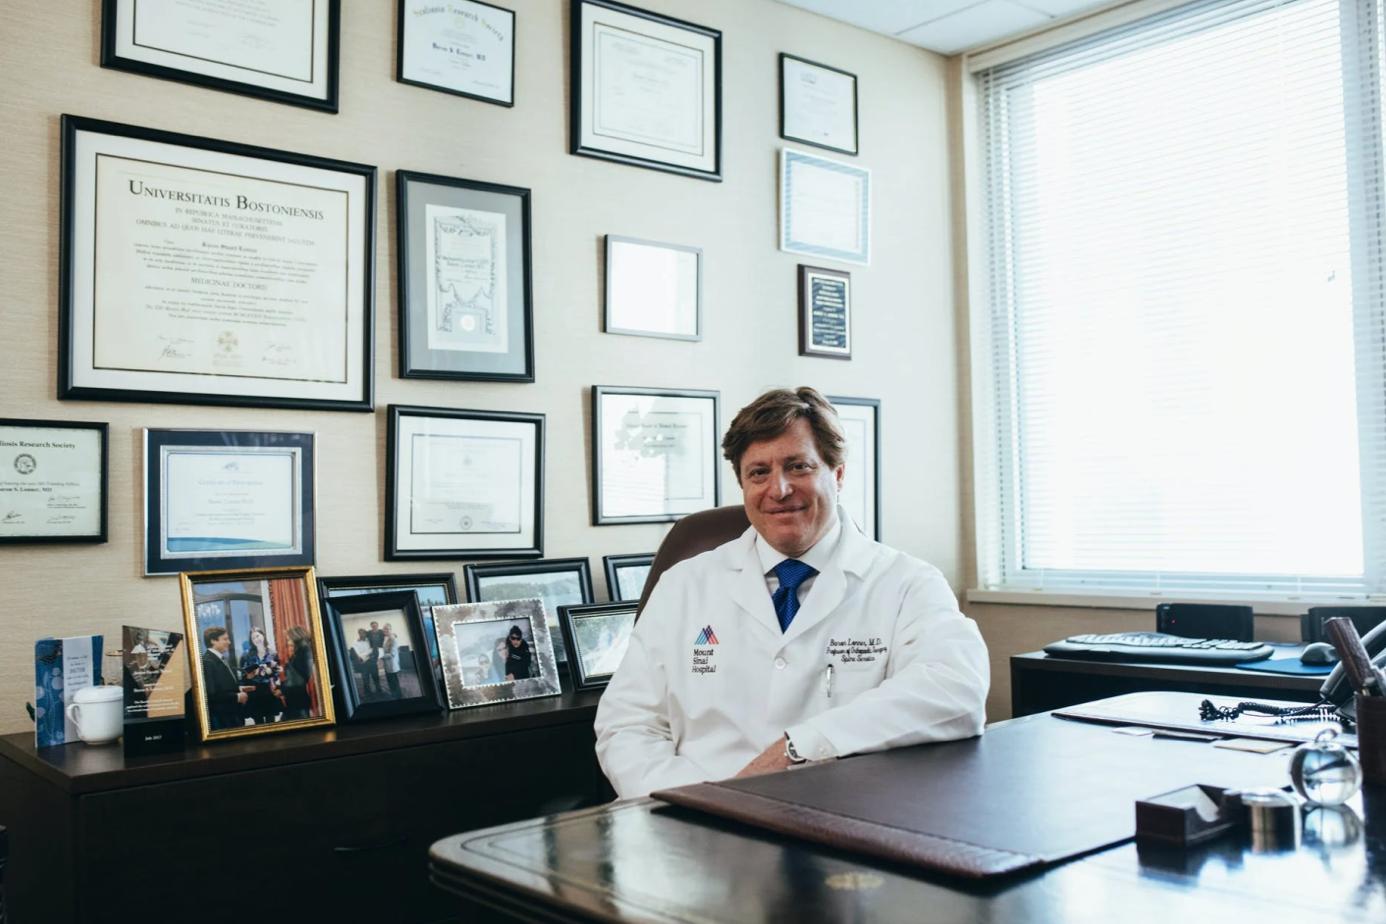 Doctor seated at desk; image by LinkedIn Sales Navigator, via Pexels.com.